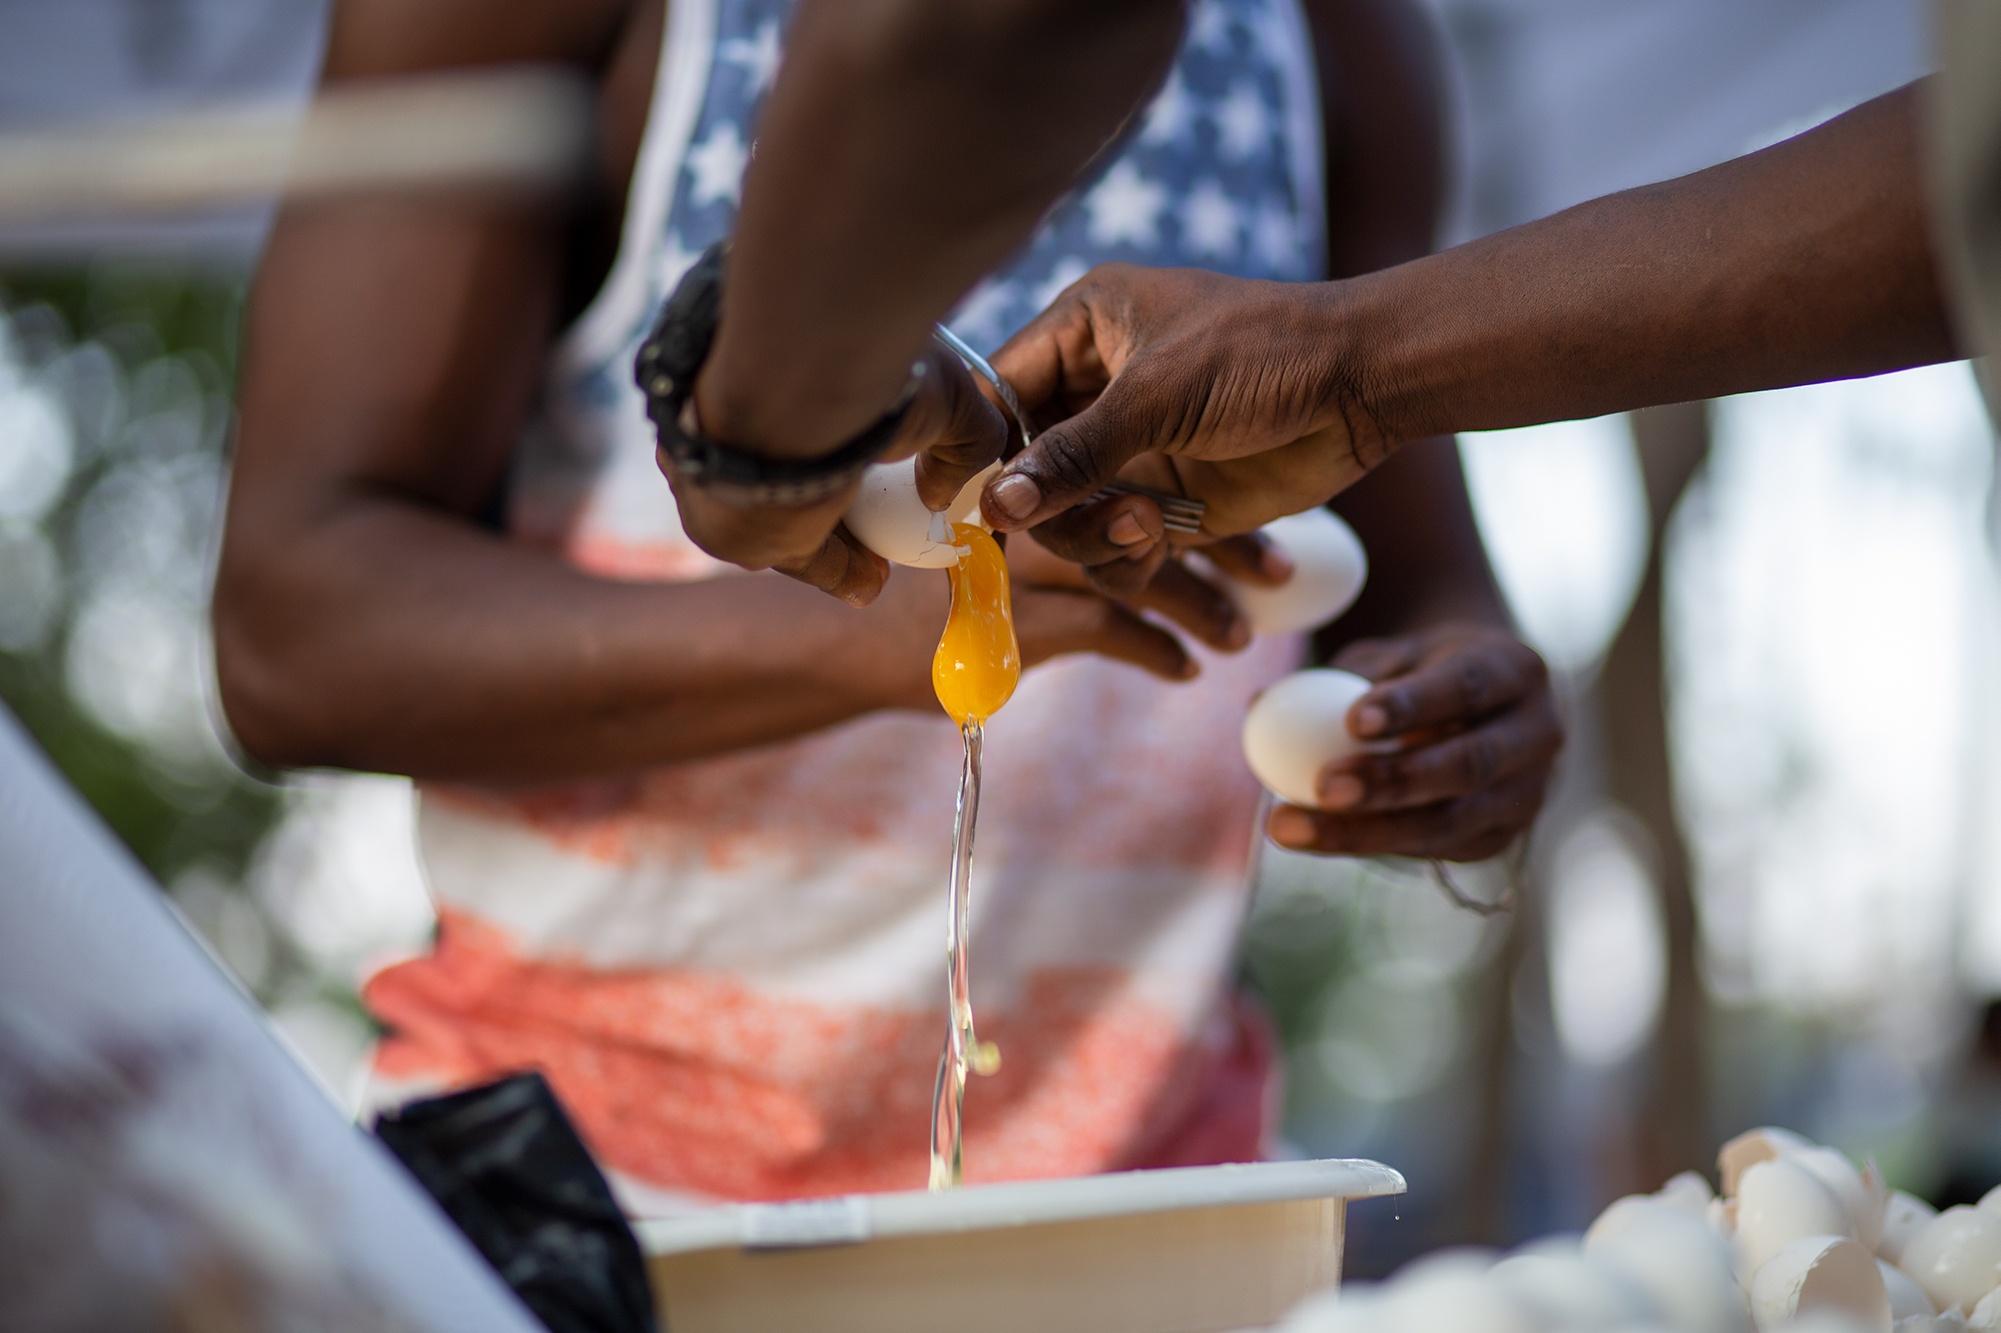 Dos jóvenes garífunas miembros de la Organización Fraternal Negra de Honduras, preparan alimentos en la cocina común del Campamento Feminista Viva Berta. Tegucigalpa, 18 de mayo de 2021. Foto: Martín Cálix.